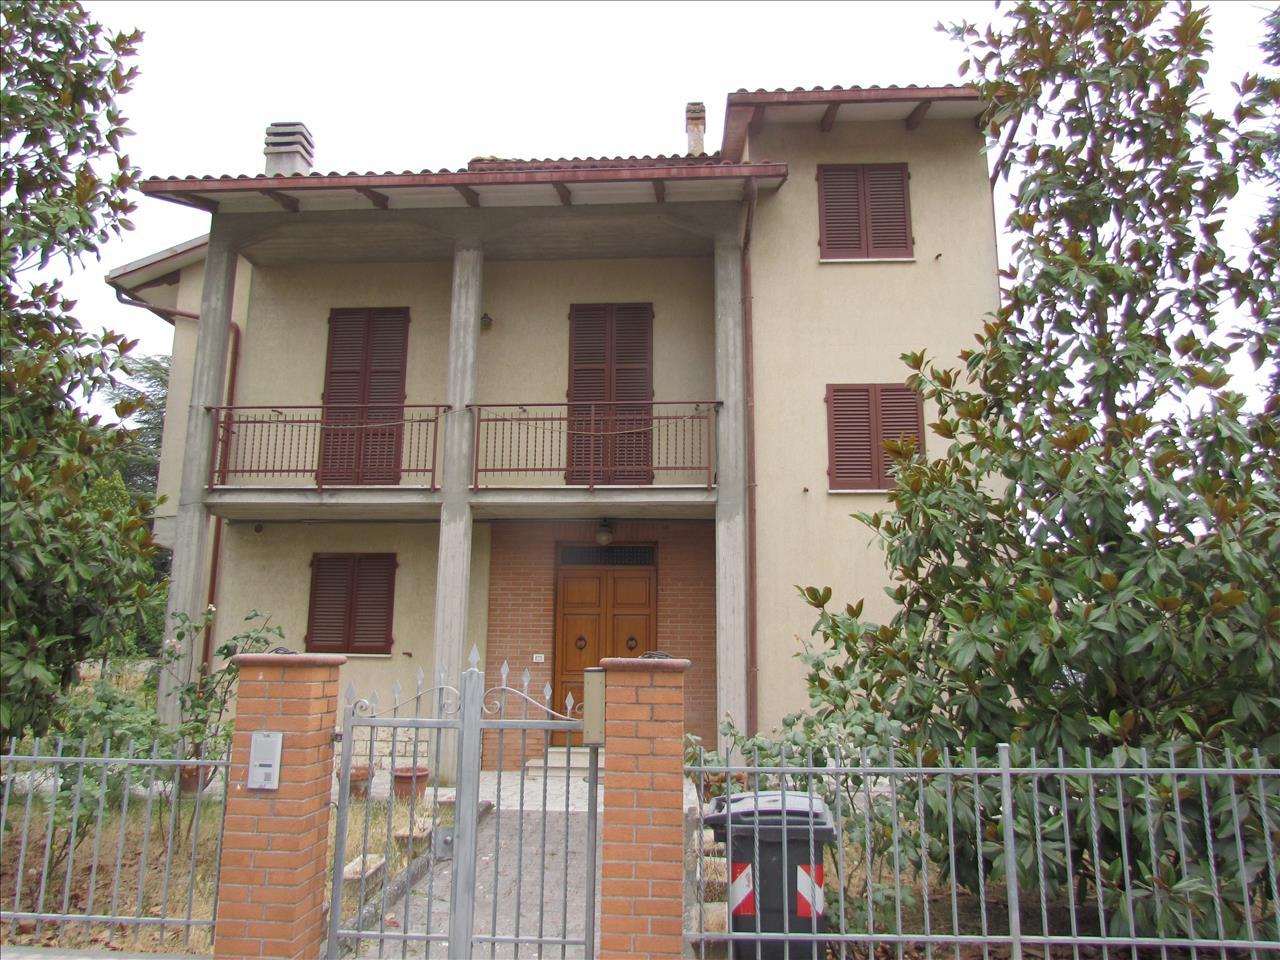 Soluzione Indipendente in vendita a Castiglione del Lago, 3 locali, prezzo € 220.000 | CambioCasa.it